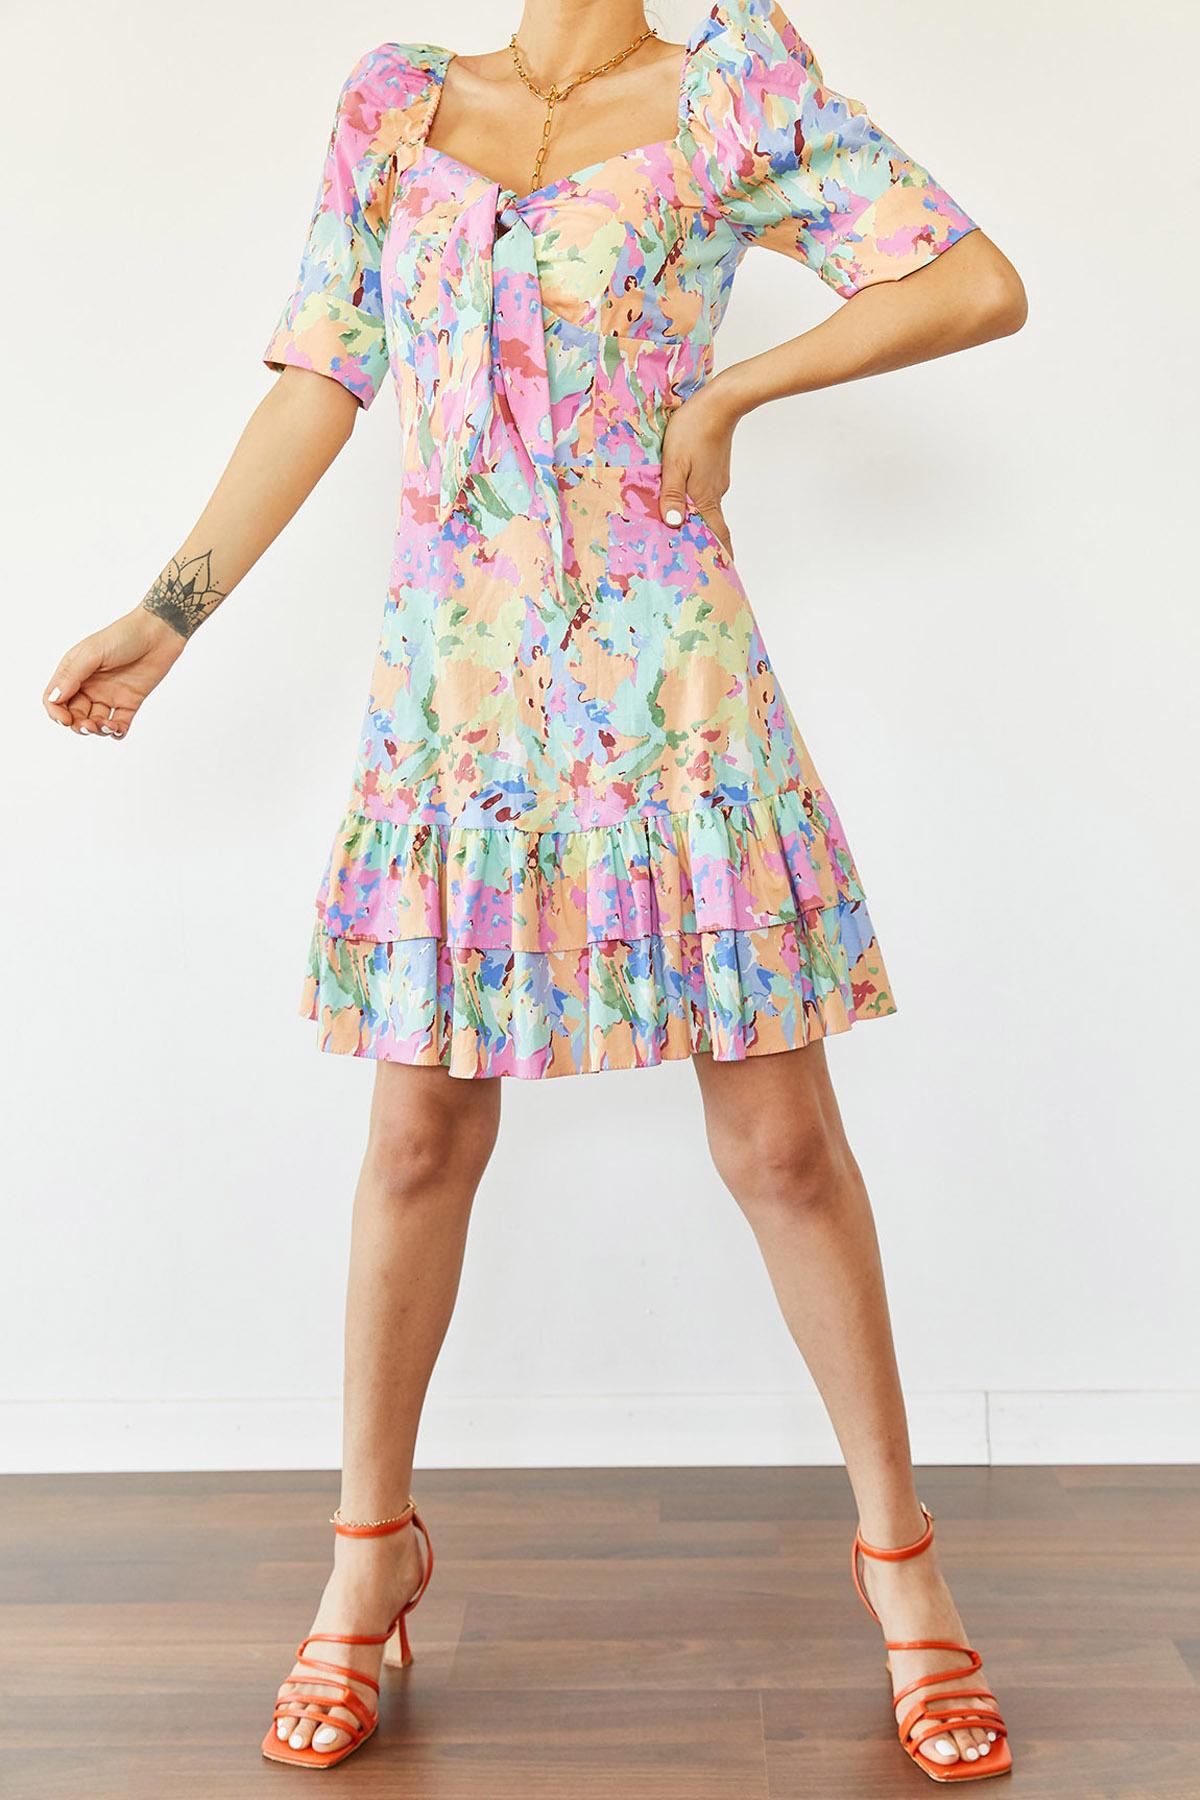 XHAN - Turkuaz Eteği Fırfırlı Desenli Elbise 1KXK6-44684-13